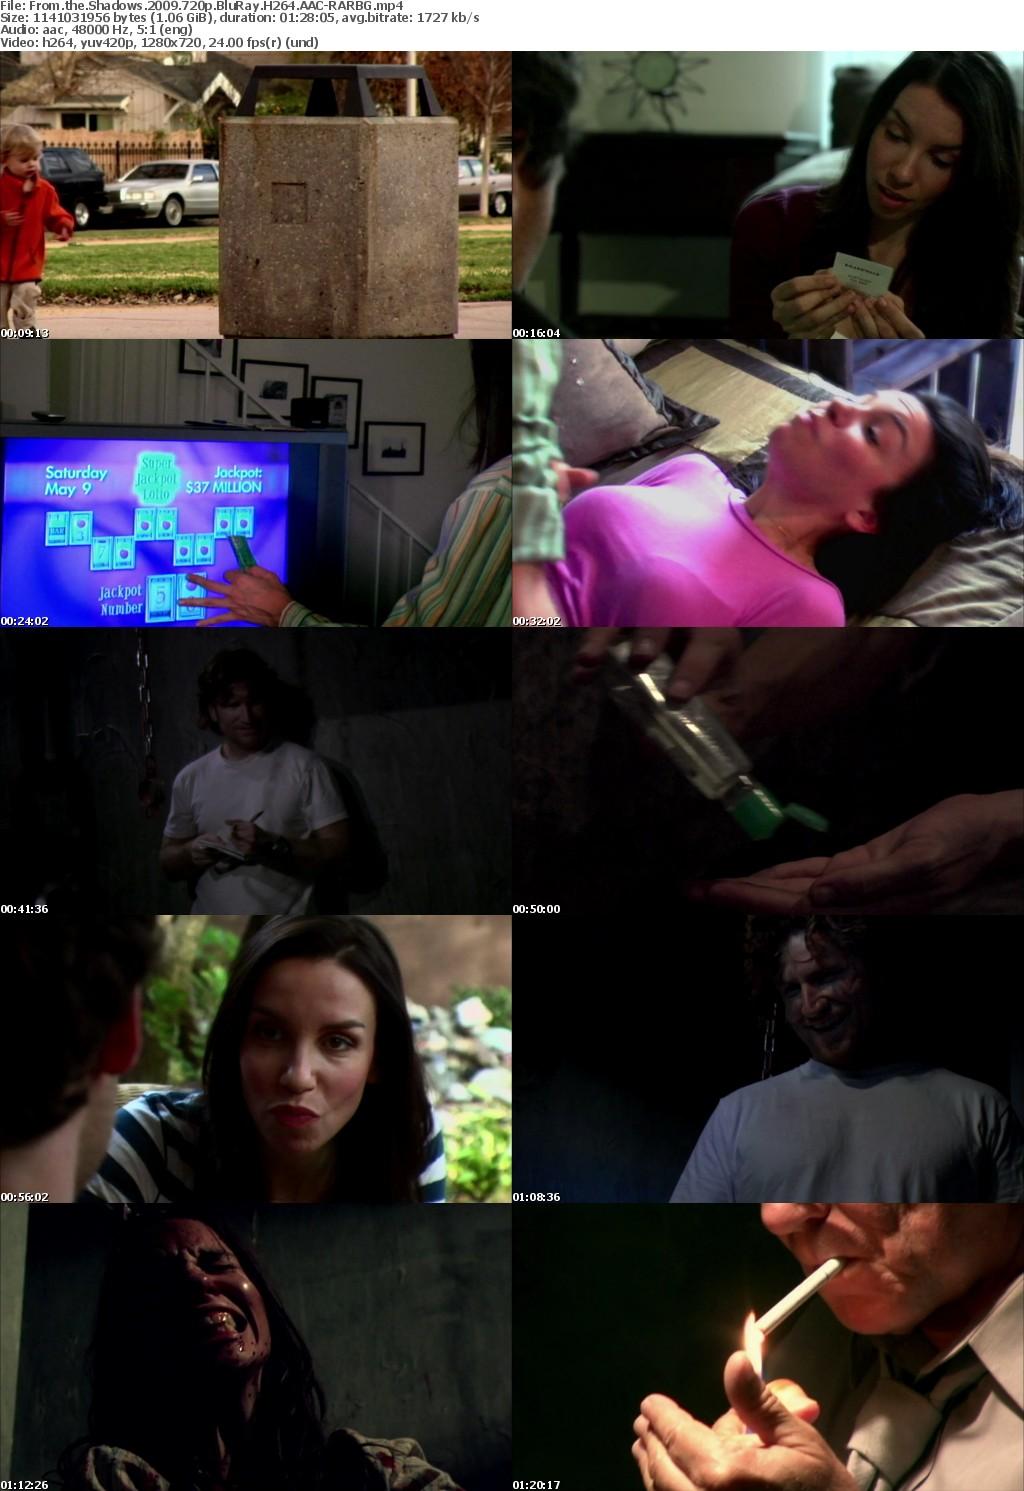 From the Shadows 2009 720p BluRay H264 AAC-RARBG